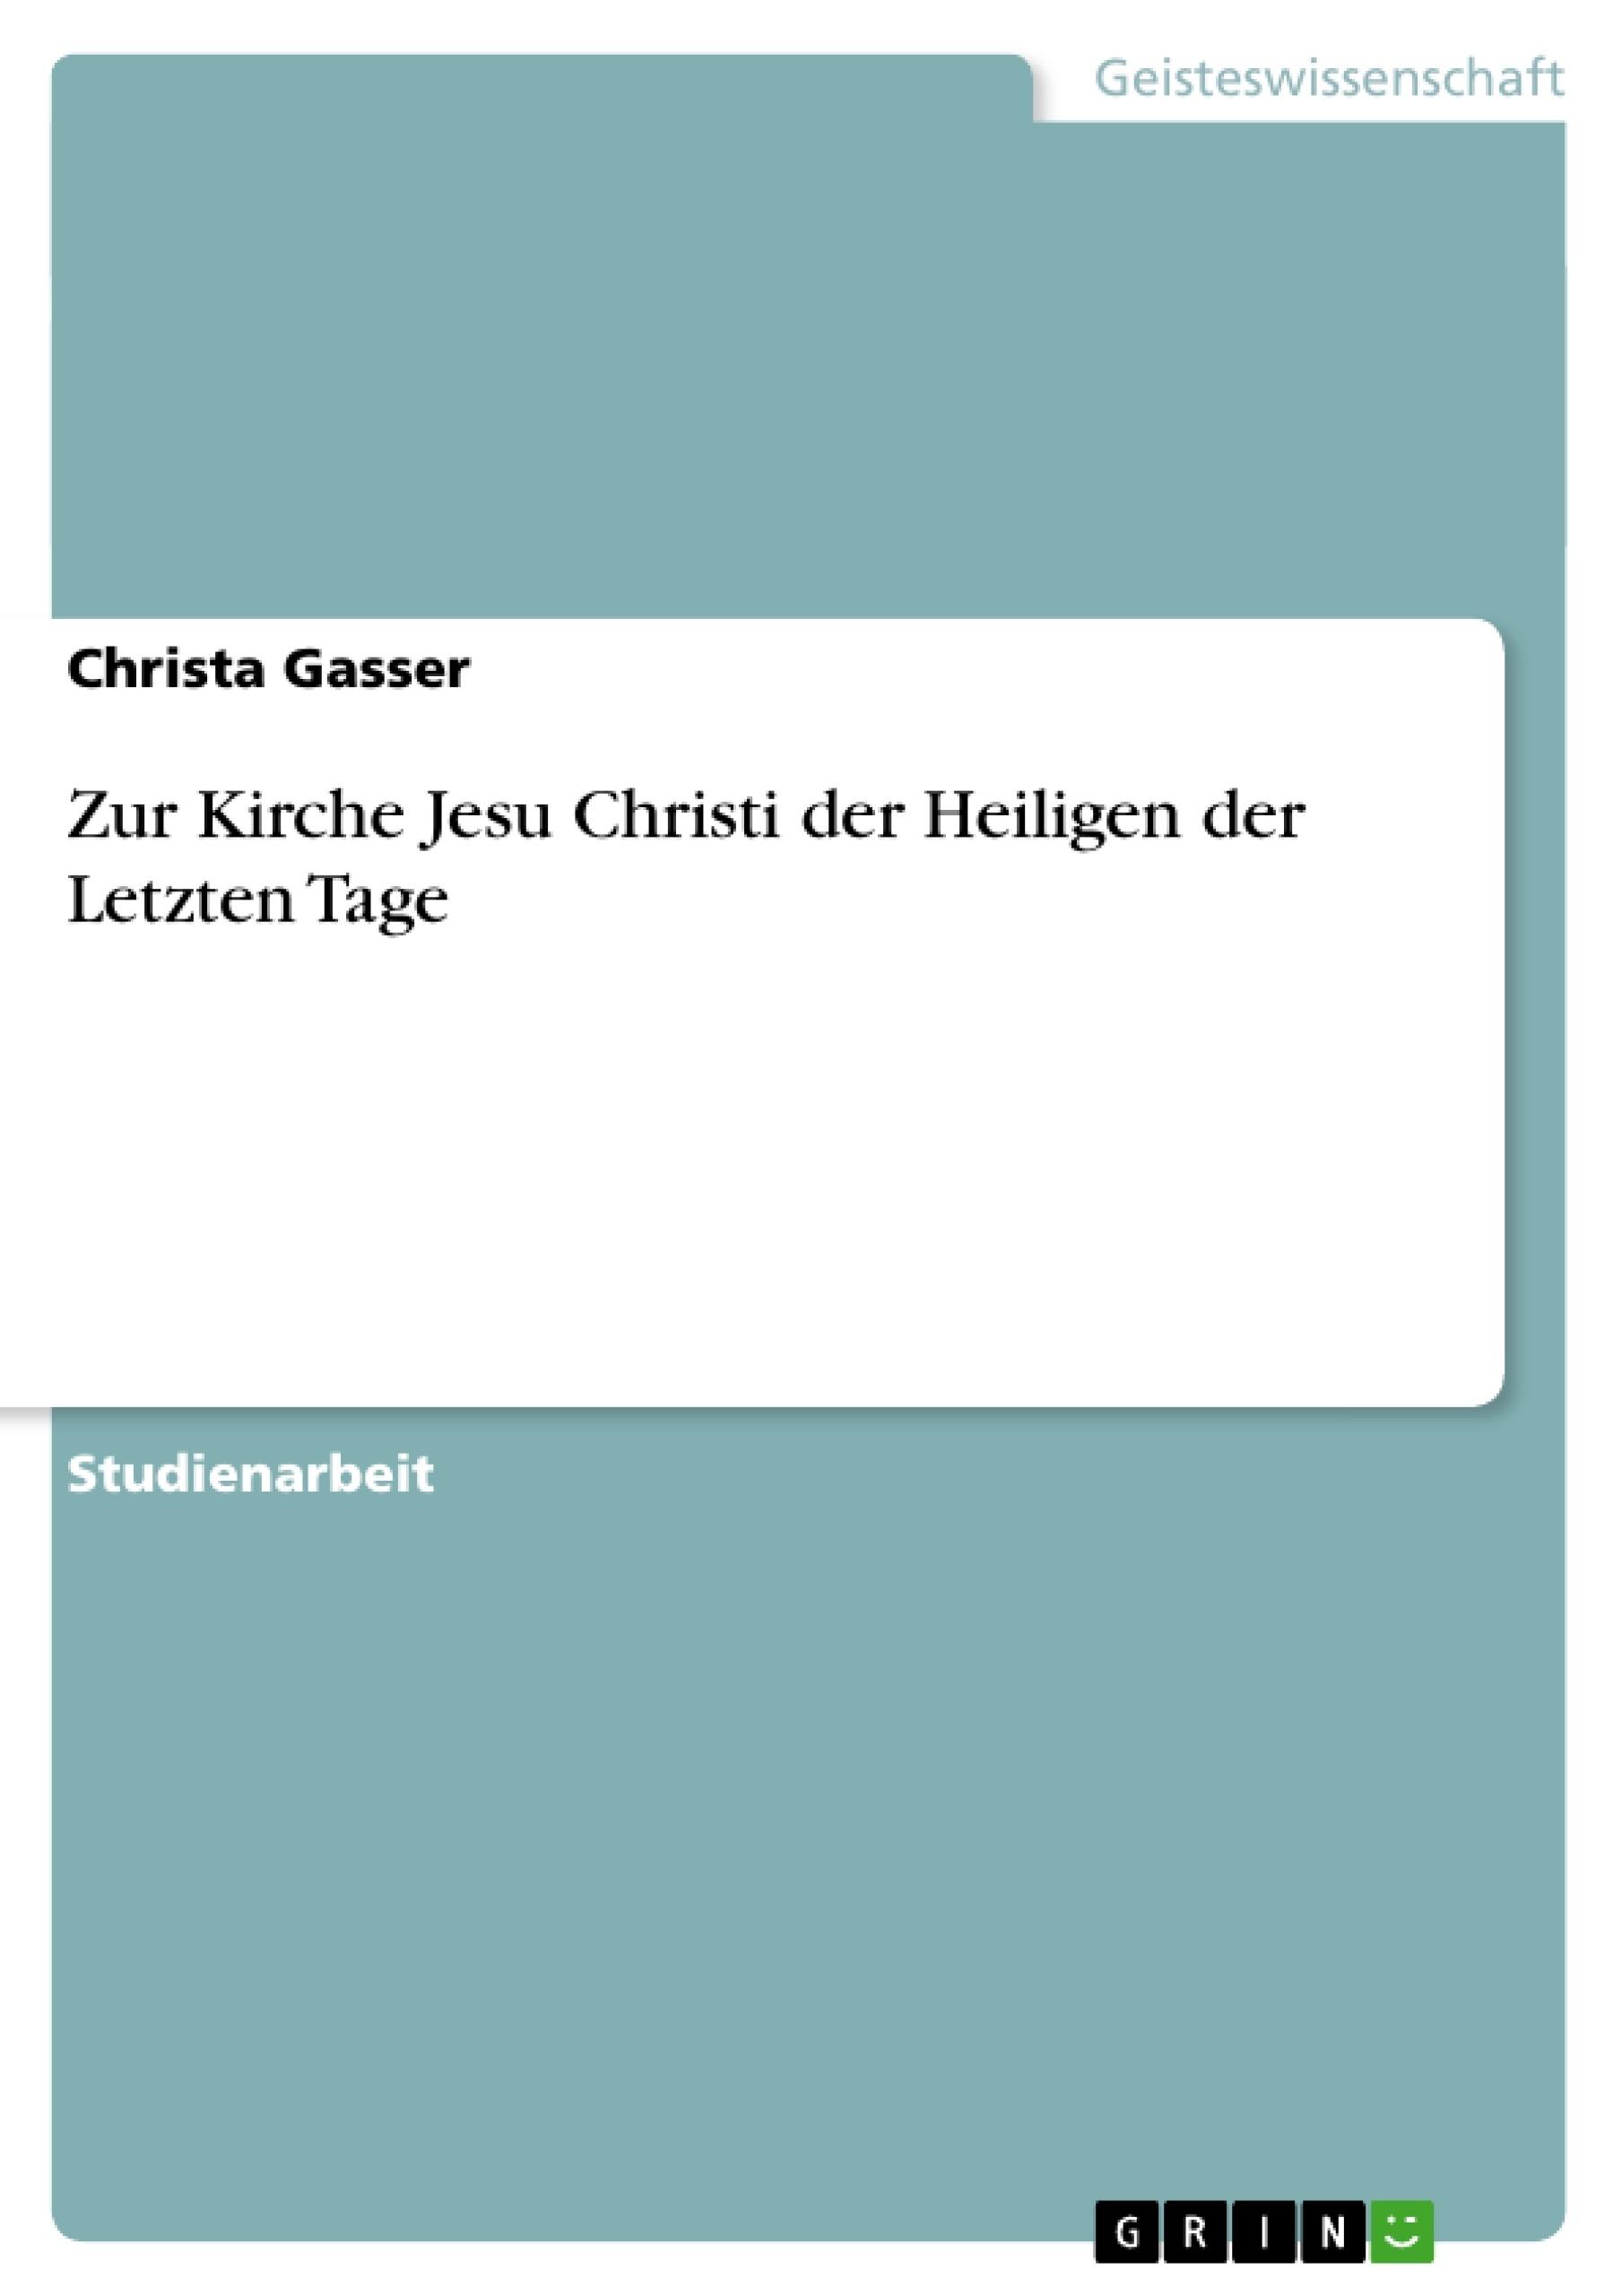 Titel: Zur Kirche Jesu Christi der Heiligen der Letzten Tage